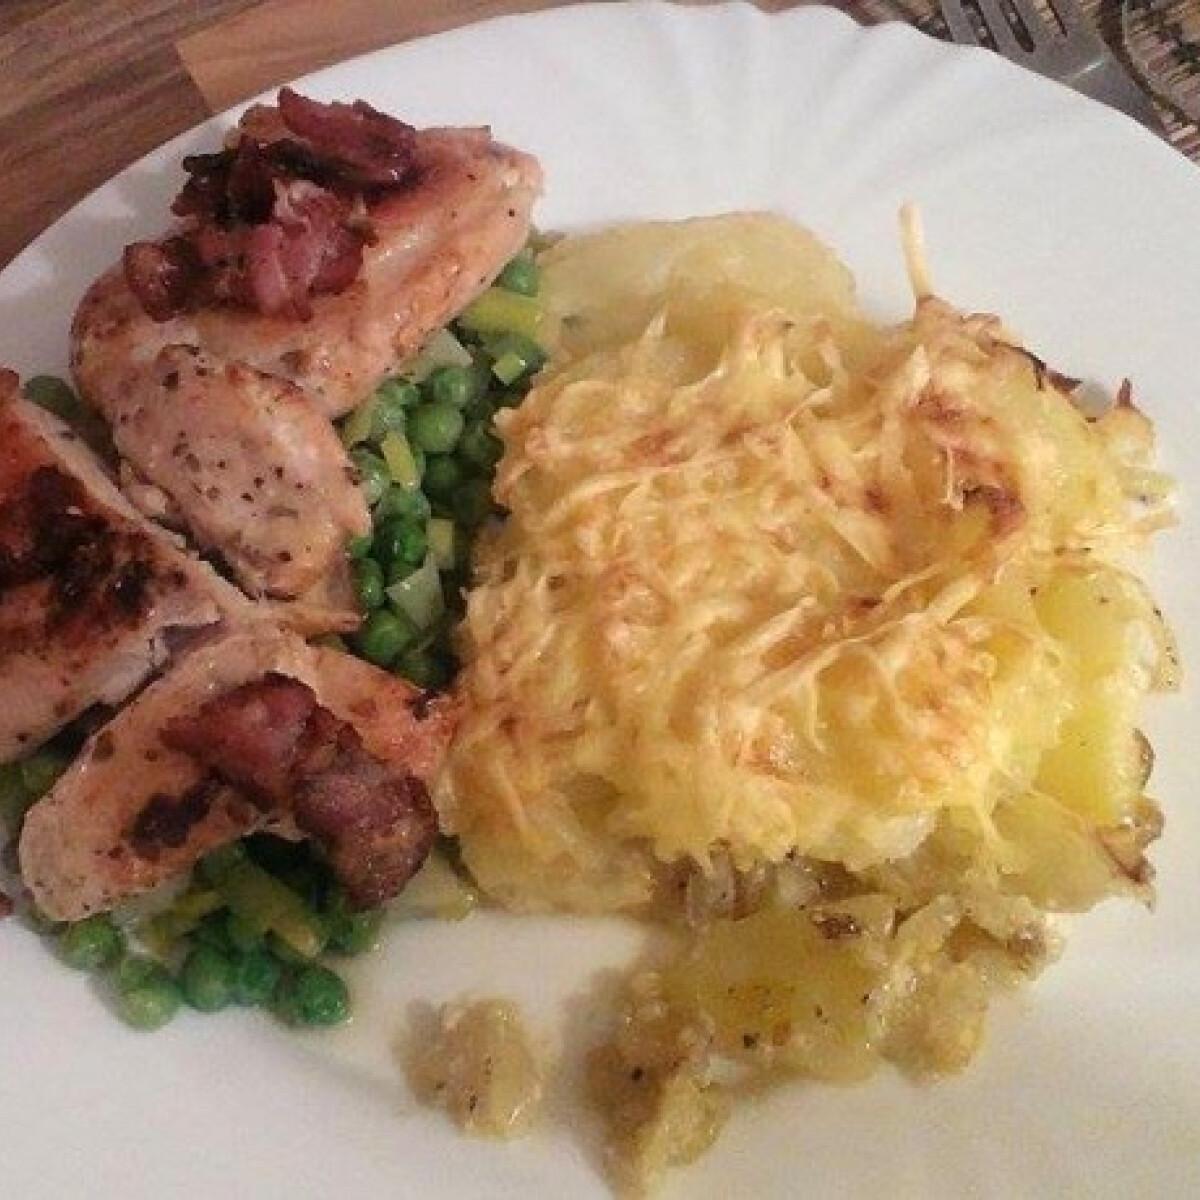 Ezen a képen: Aranybarna csirke - párolt zöldség és csőben sült burgonya